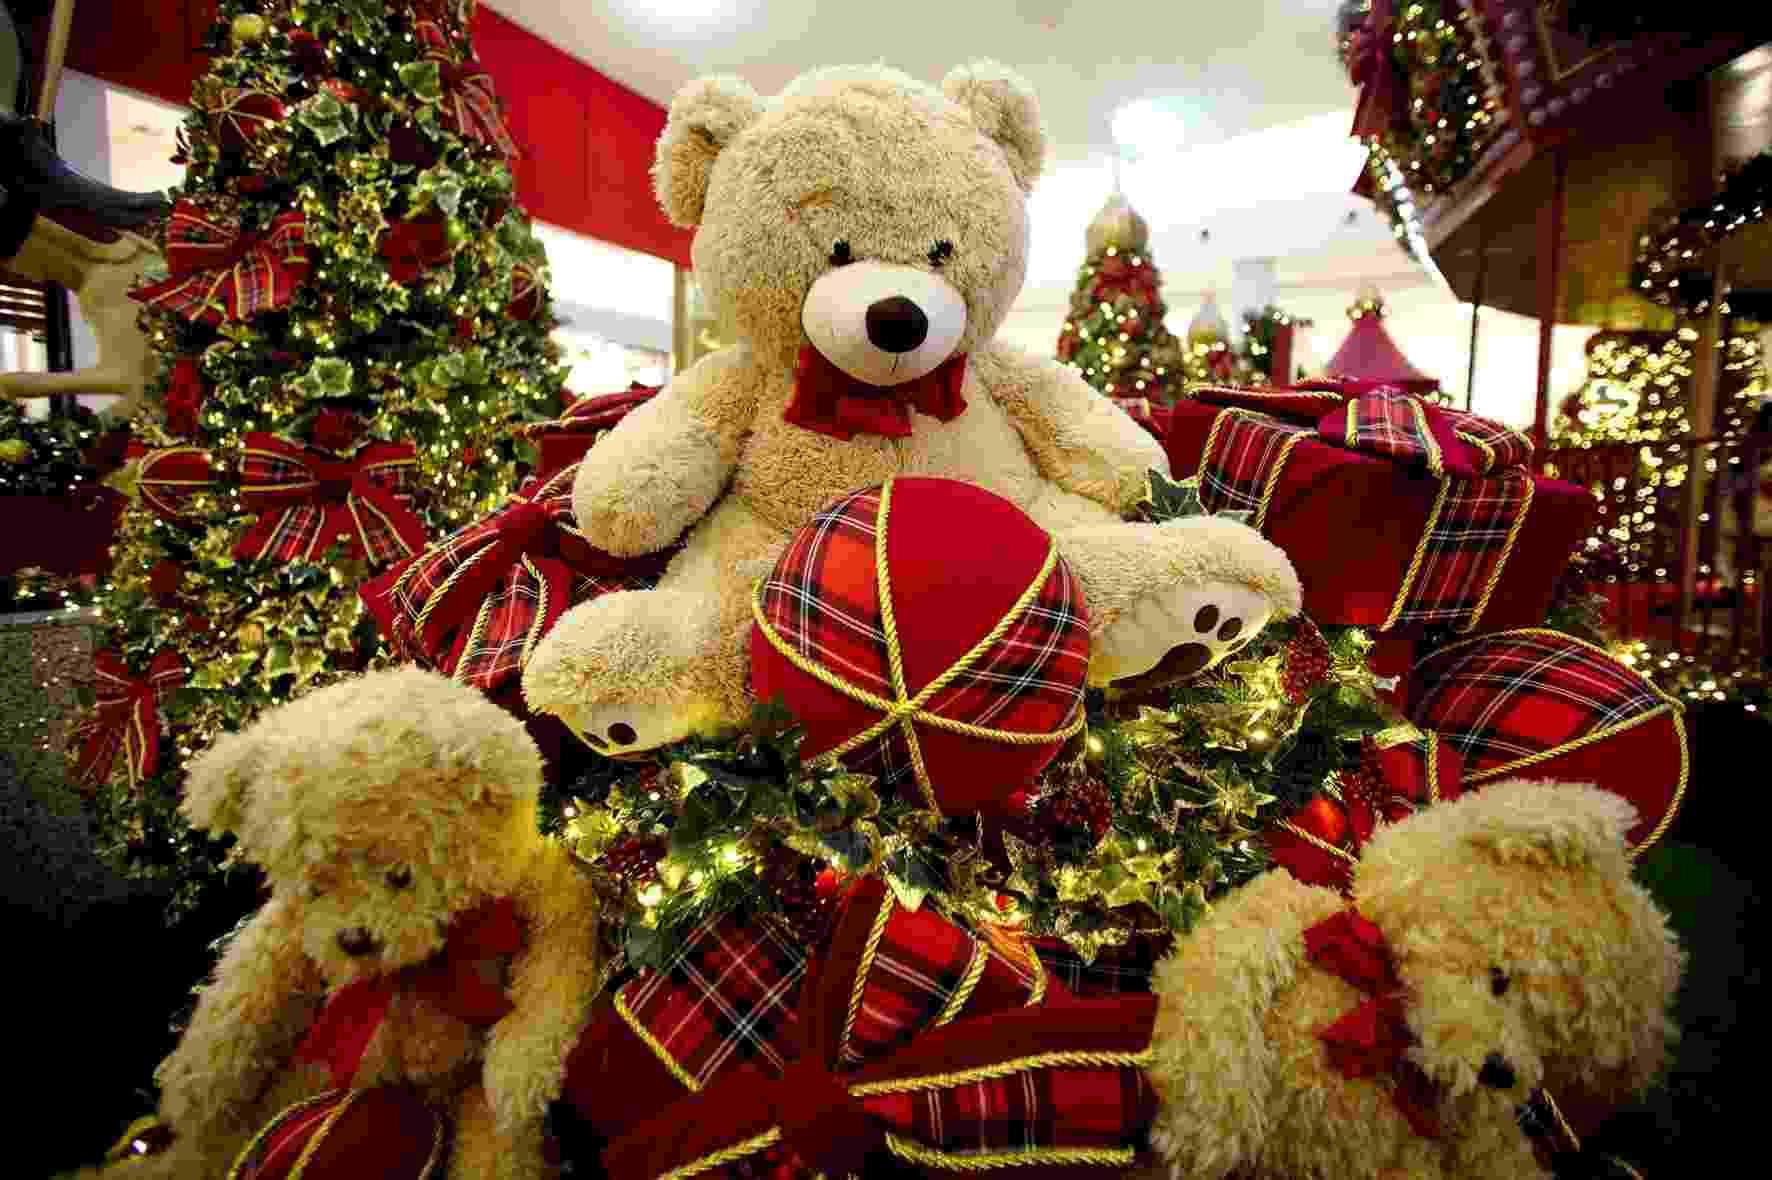 Ursos da decoração do Shopping Center Norte, assinada por Cecilia Dale. O atendimento do Papai Noel vai até 24 de dezembro. Onde: Travessa Casalbuono, 120, Vila Guilherme. Mais informações: http://centernorte.com.br/ - Divulgação